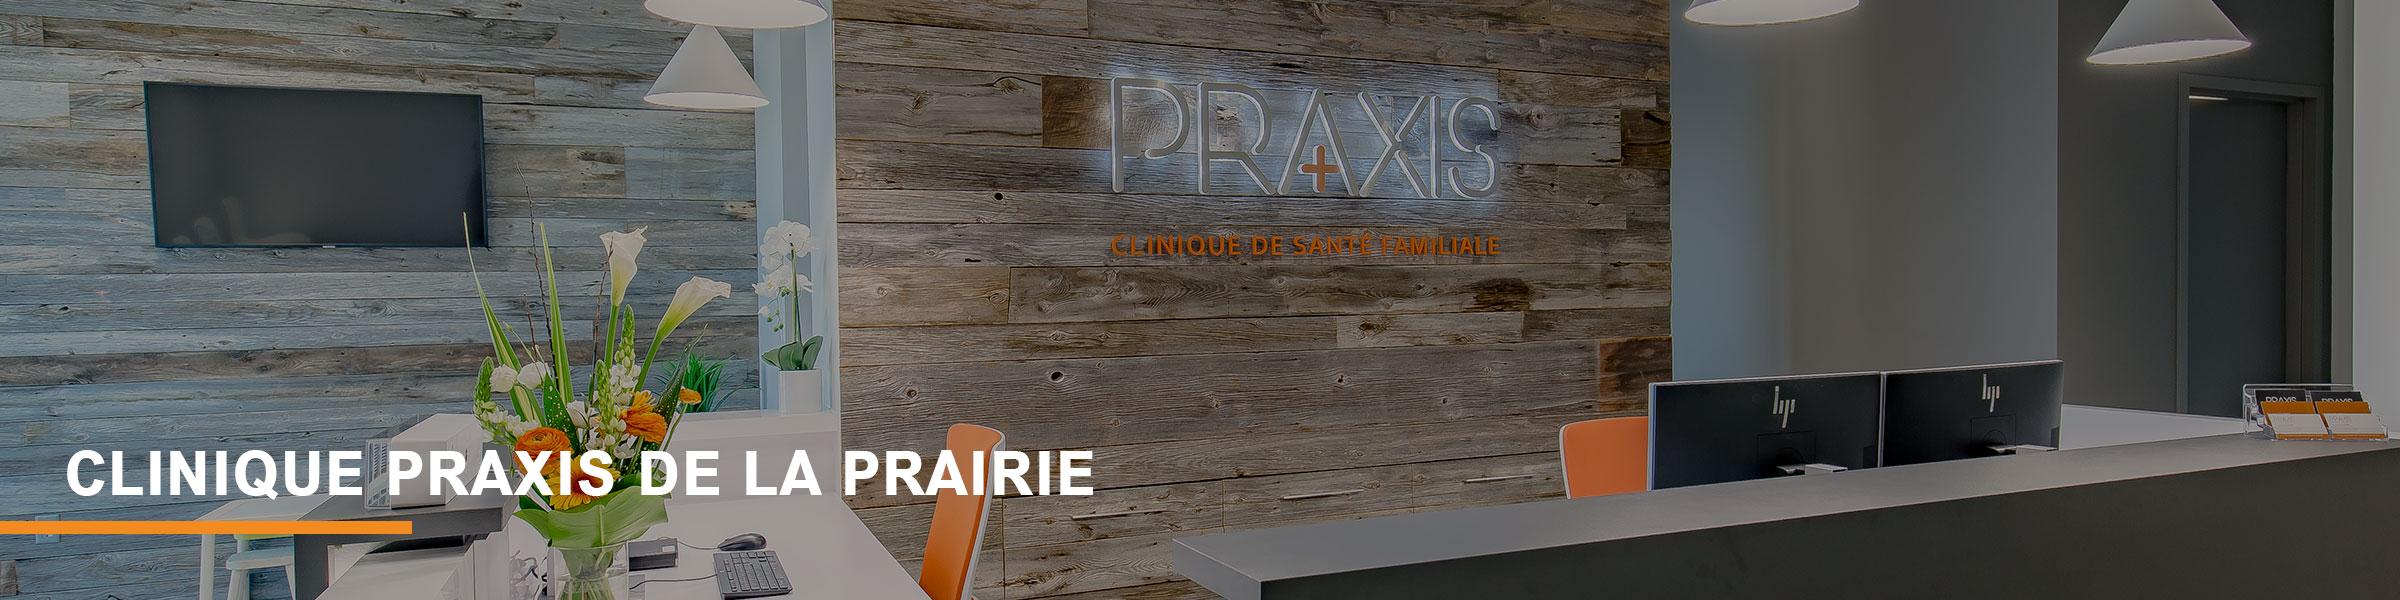 https://cliniquepraxis.ca/wp-content/uploads/2020/12/clinique-praxis-laprairie.jpg